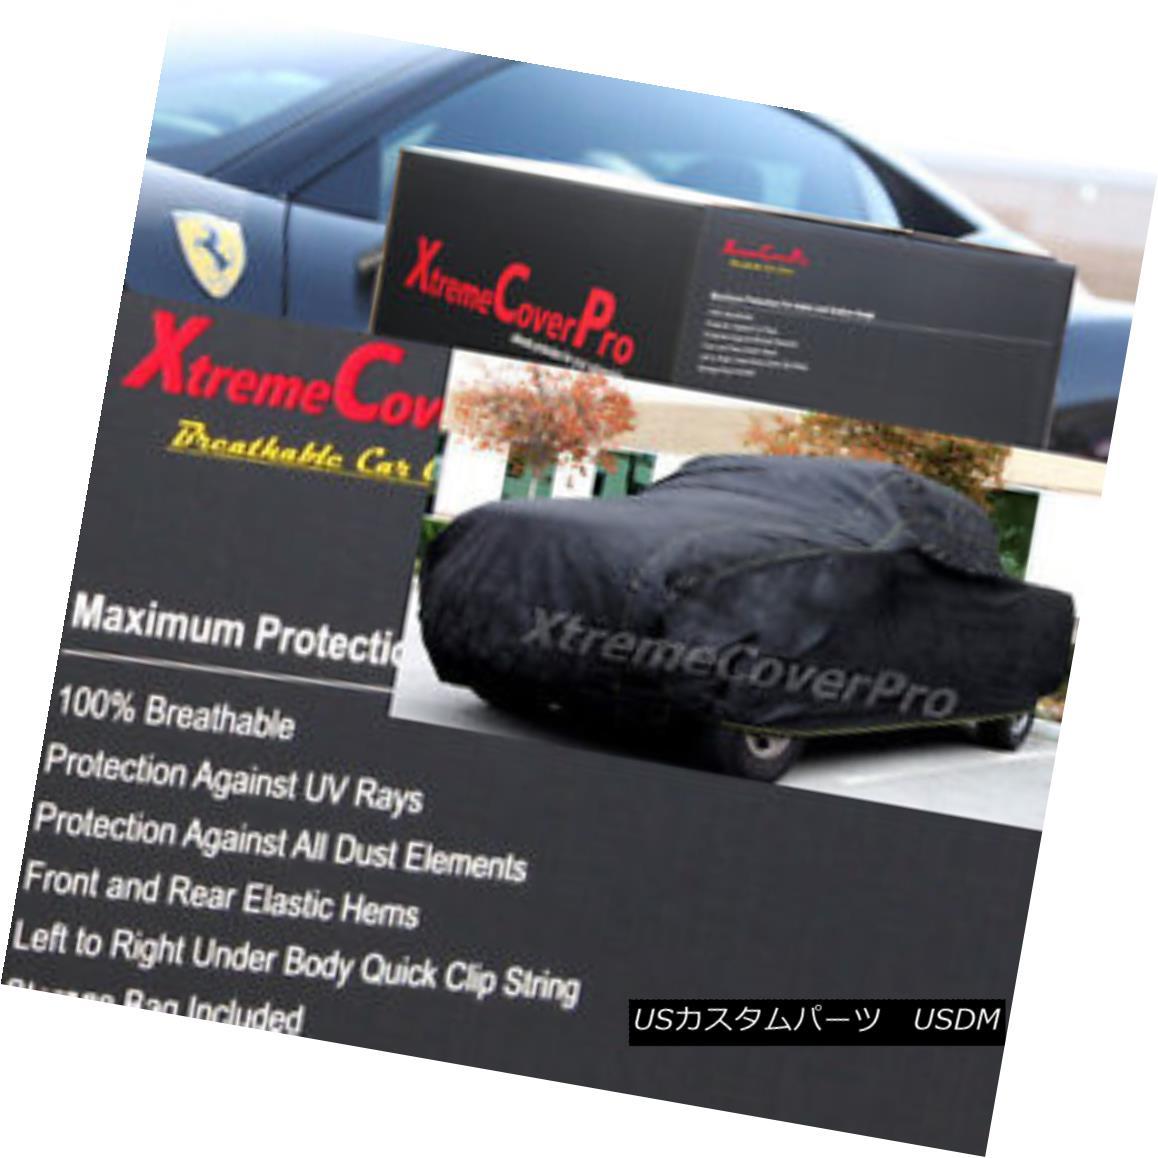 カーカバー 2013 Ford F150 SuperCab 8ft bed Breathable Car Cover 2013年フォードF150スーパーキャブ8ftベッド通気性車カバー